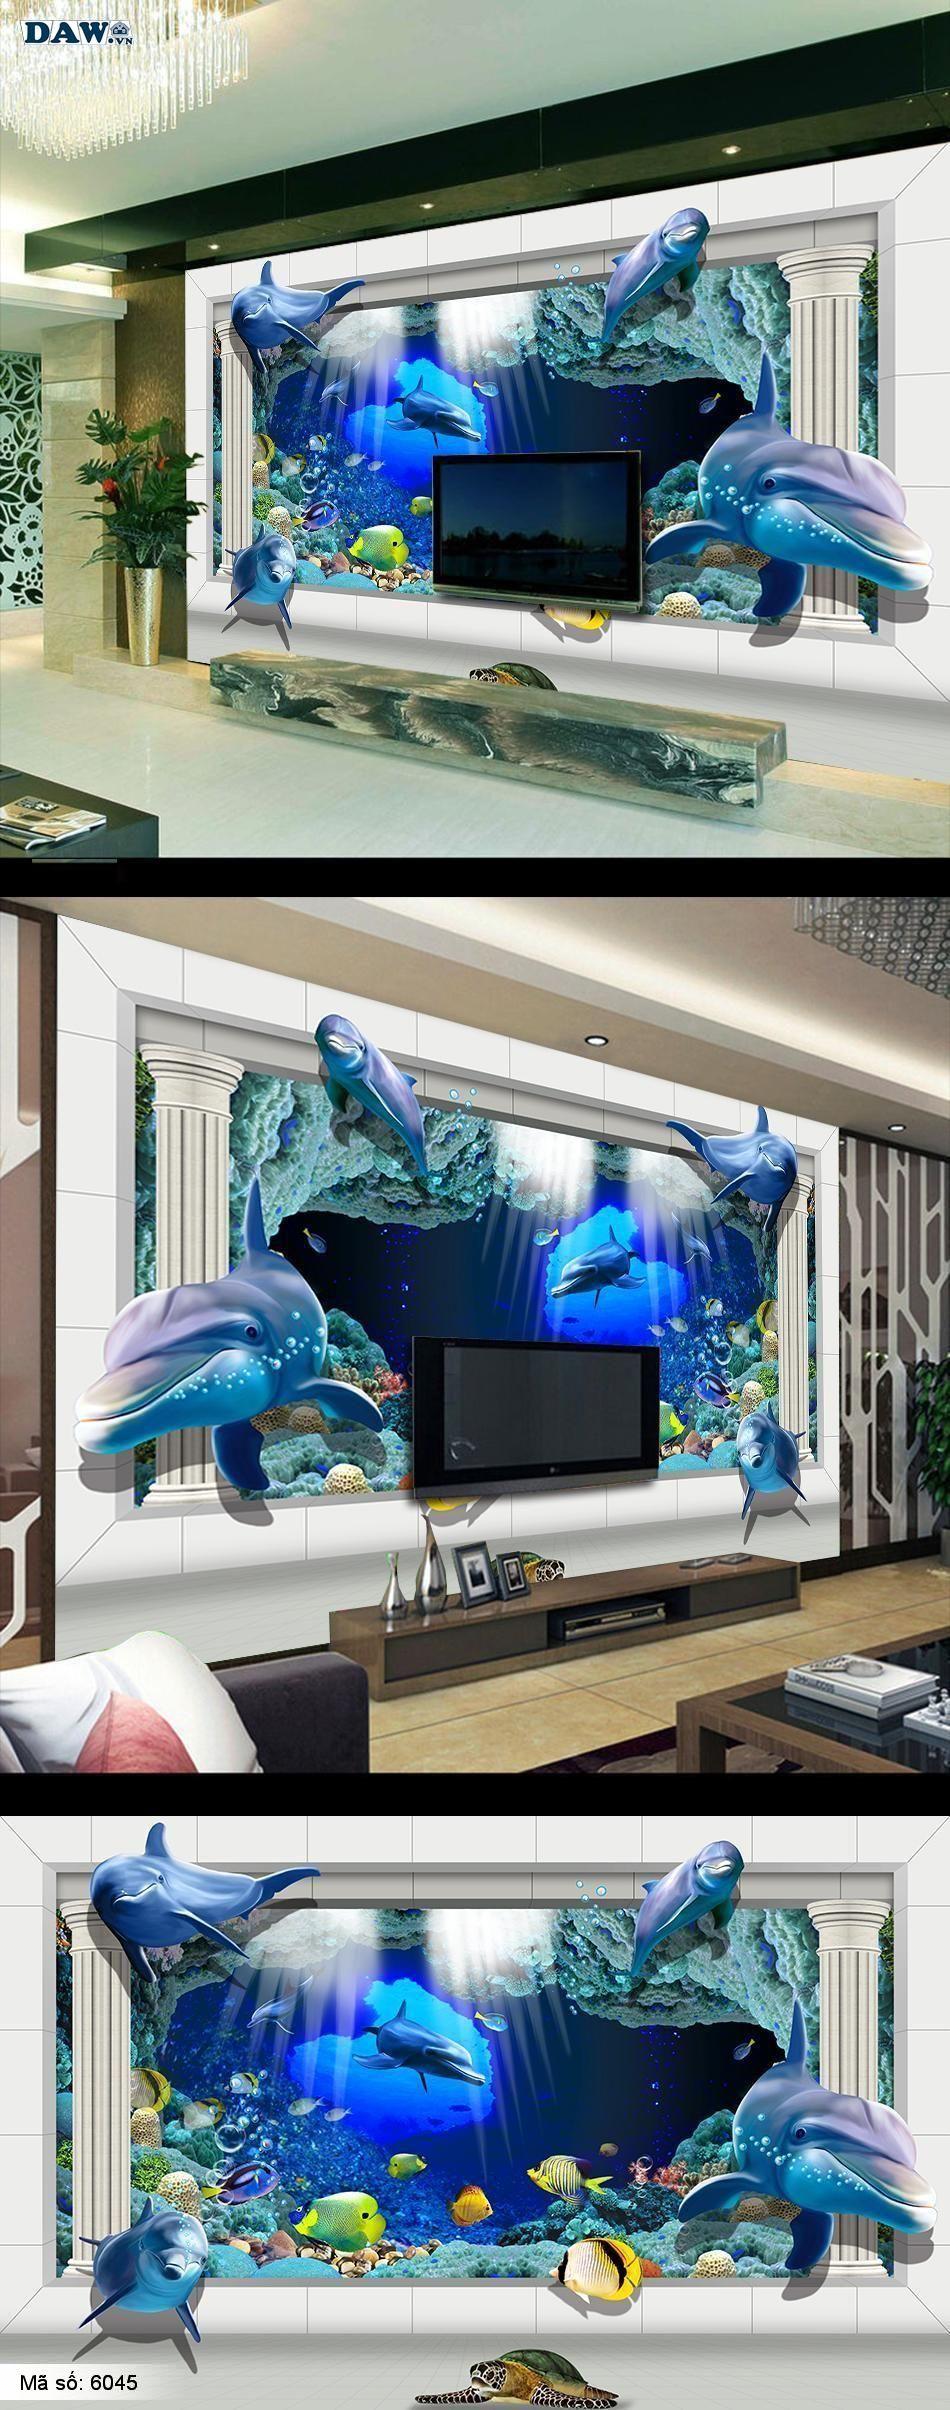 6045 | Đáy biển đẹp, biển đẹp, tranh 3D,  tranh dán tường đáy biển, cá heo 6045